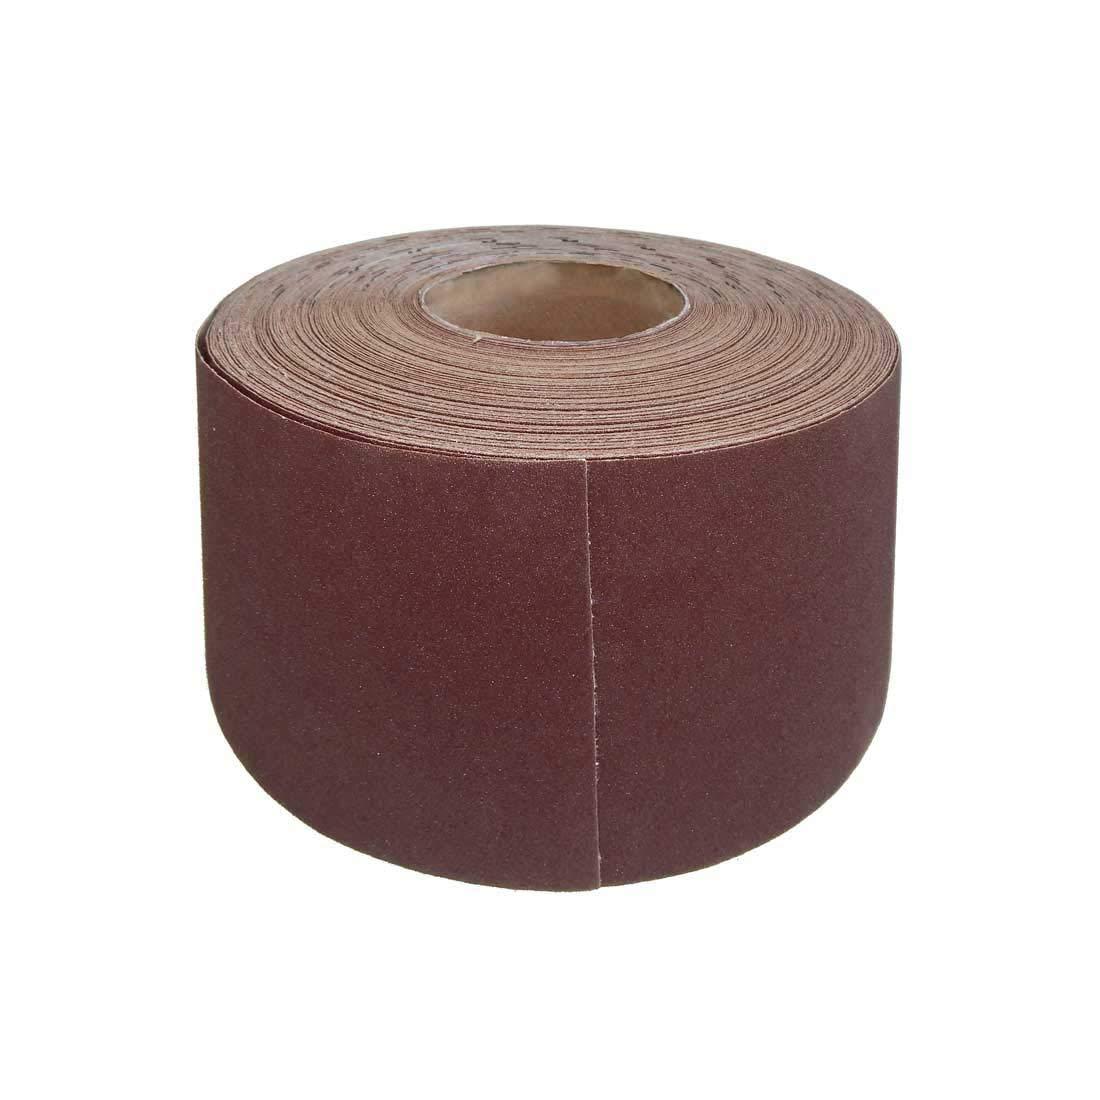 1 Rouleaux de papier de verre MioTools pour ponceuses manuelles - 115 mm x 50 m - grain 80